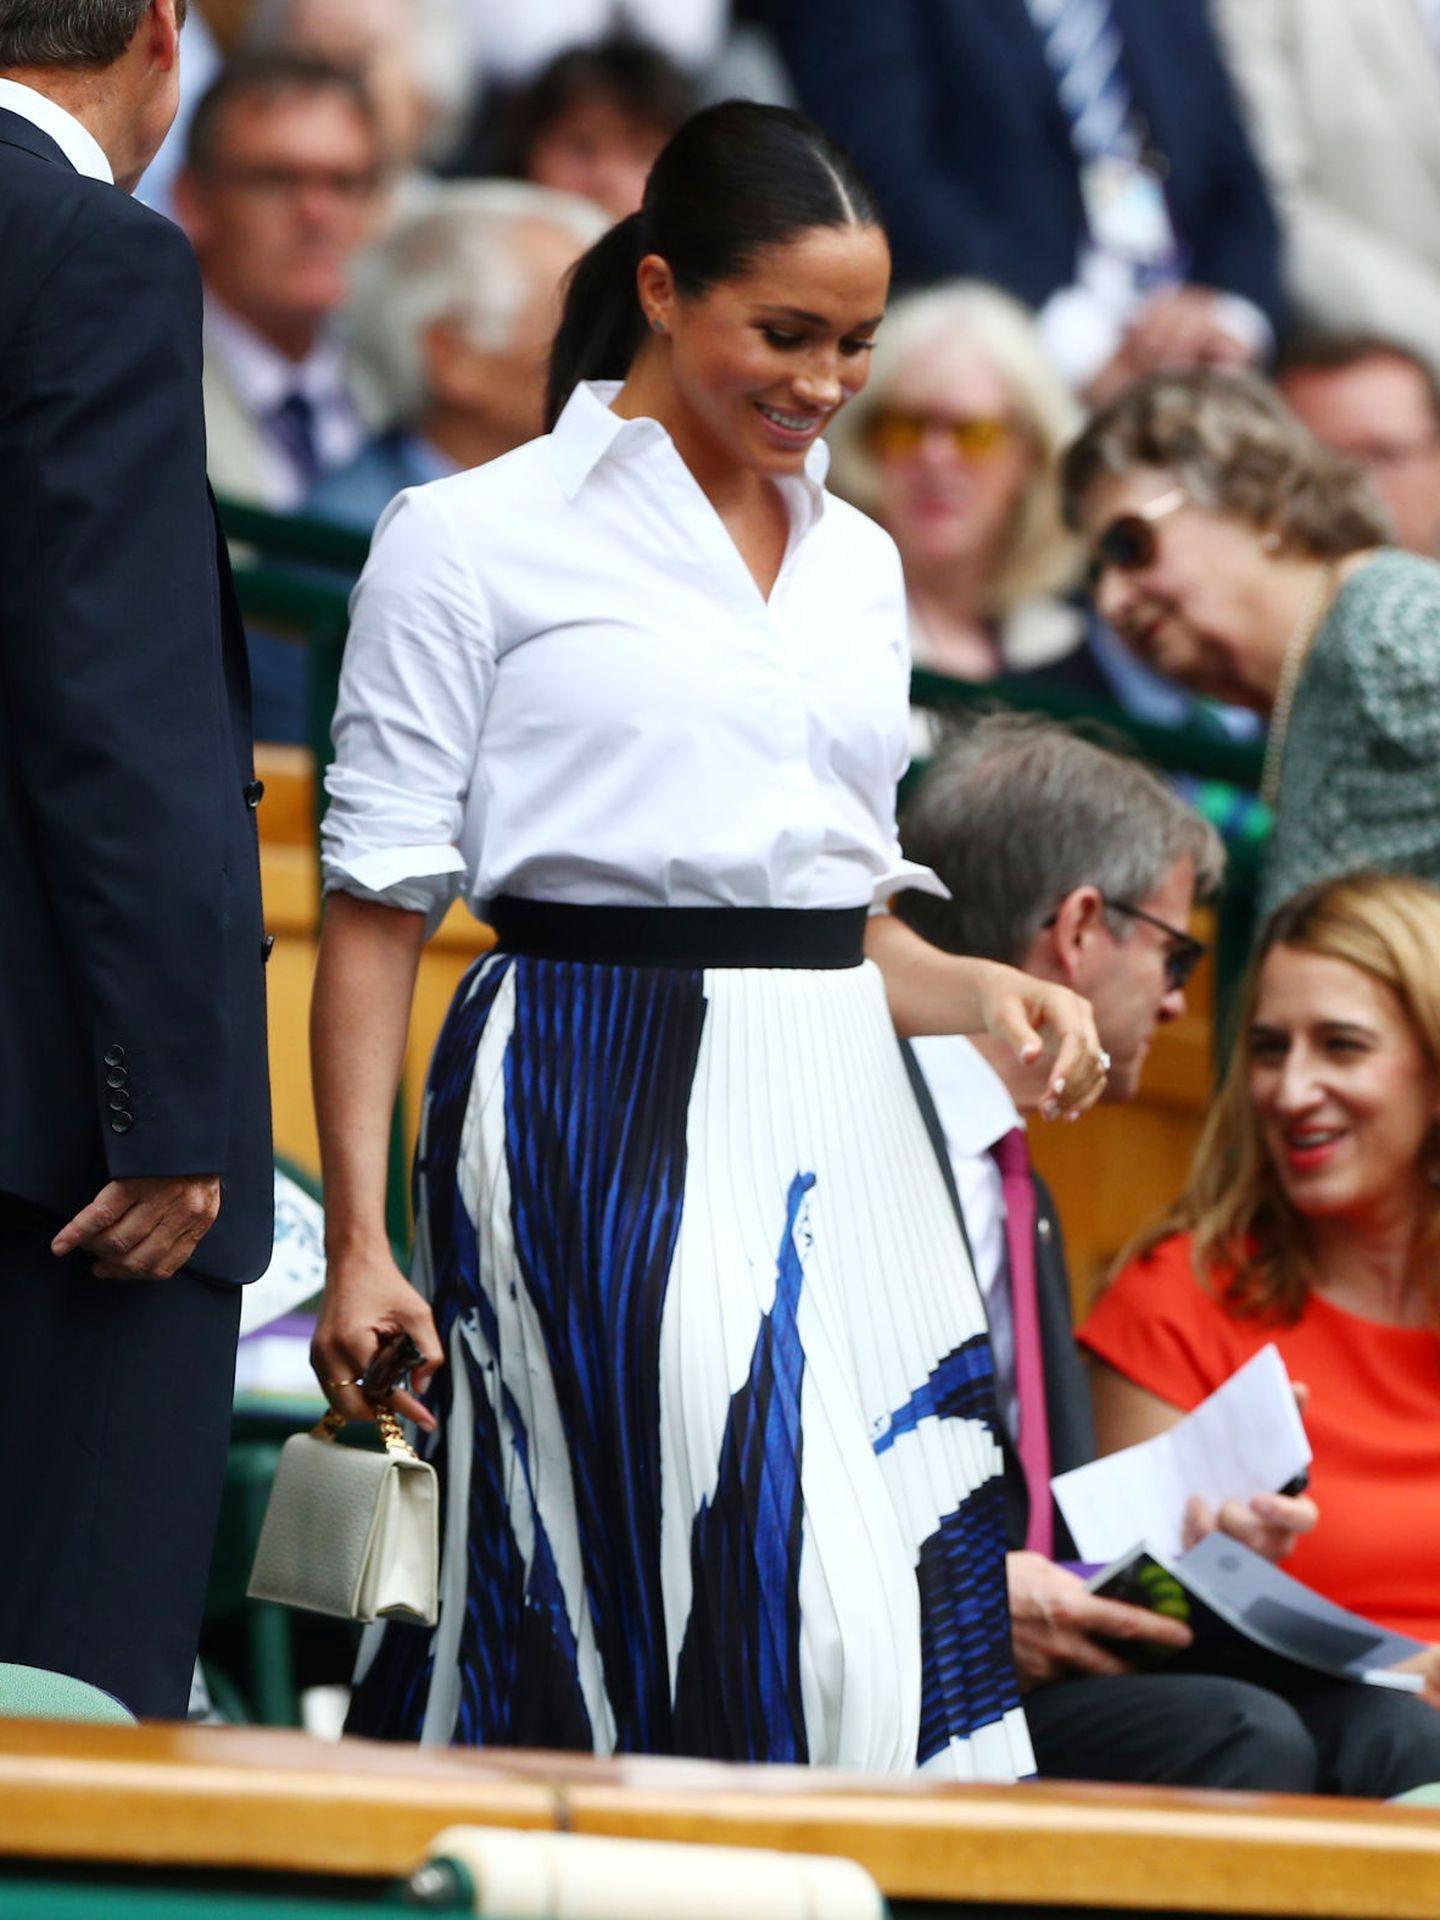 Meghan Markle, en Wimbledon con camisa blanca y falda plisada. (Getty)